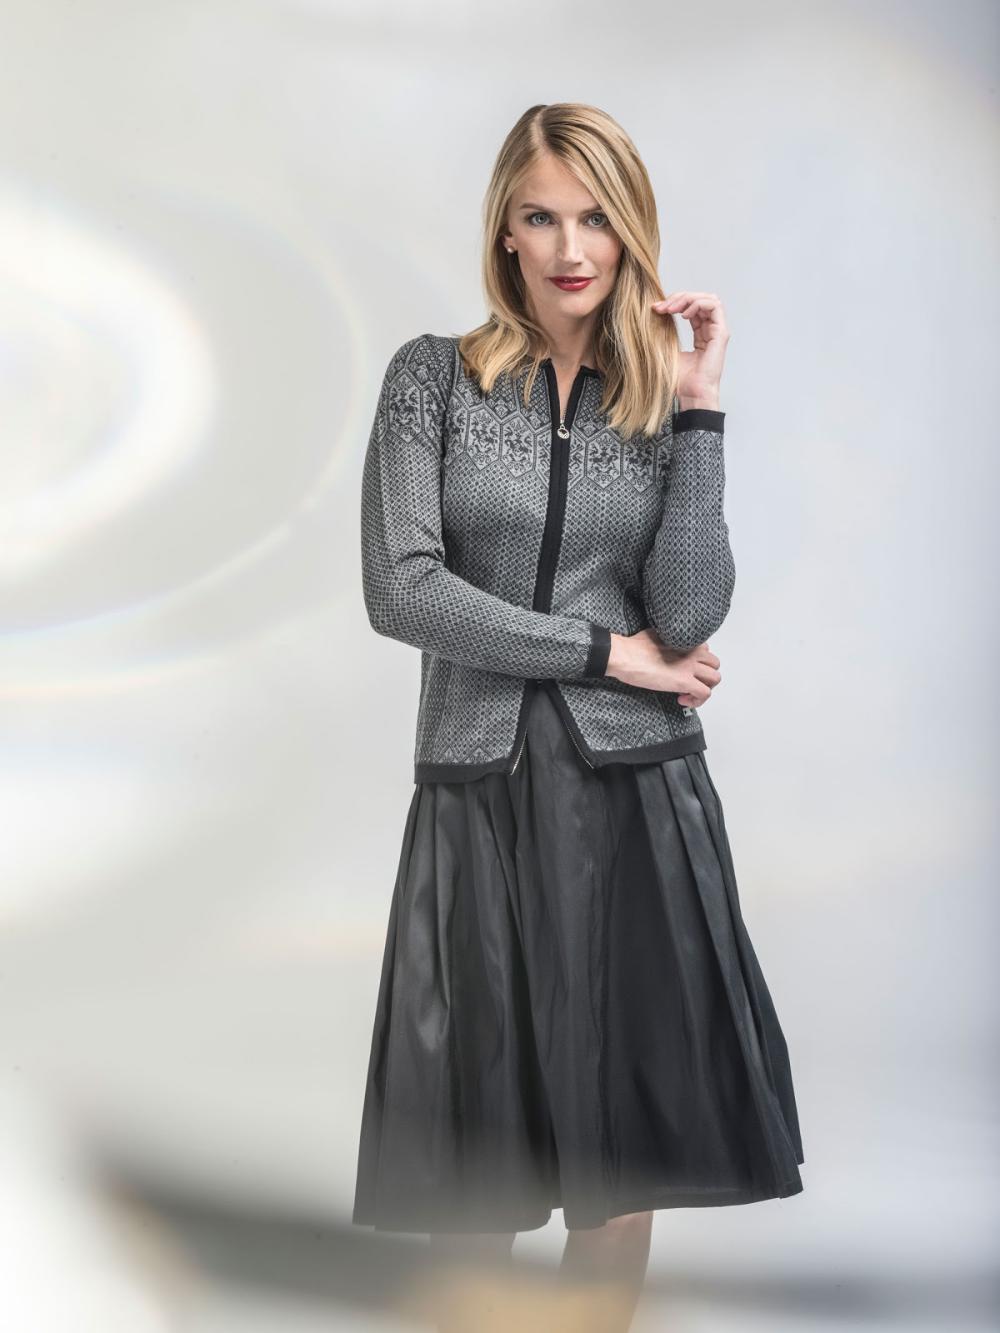 norwegian fashion women Google Search Norwegian